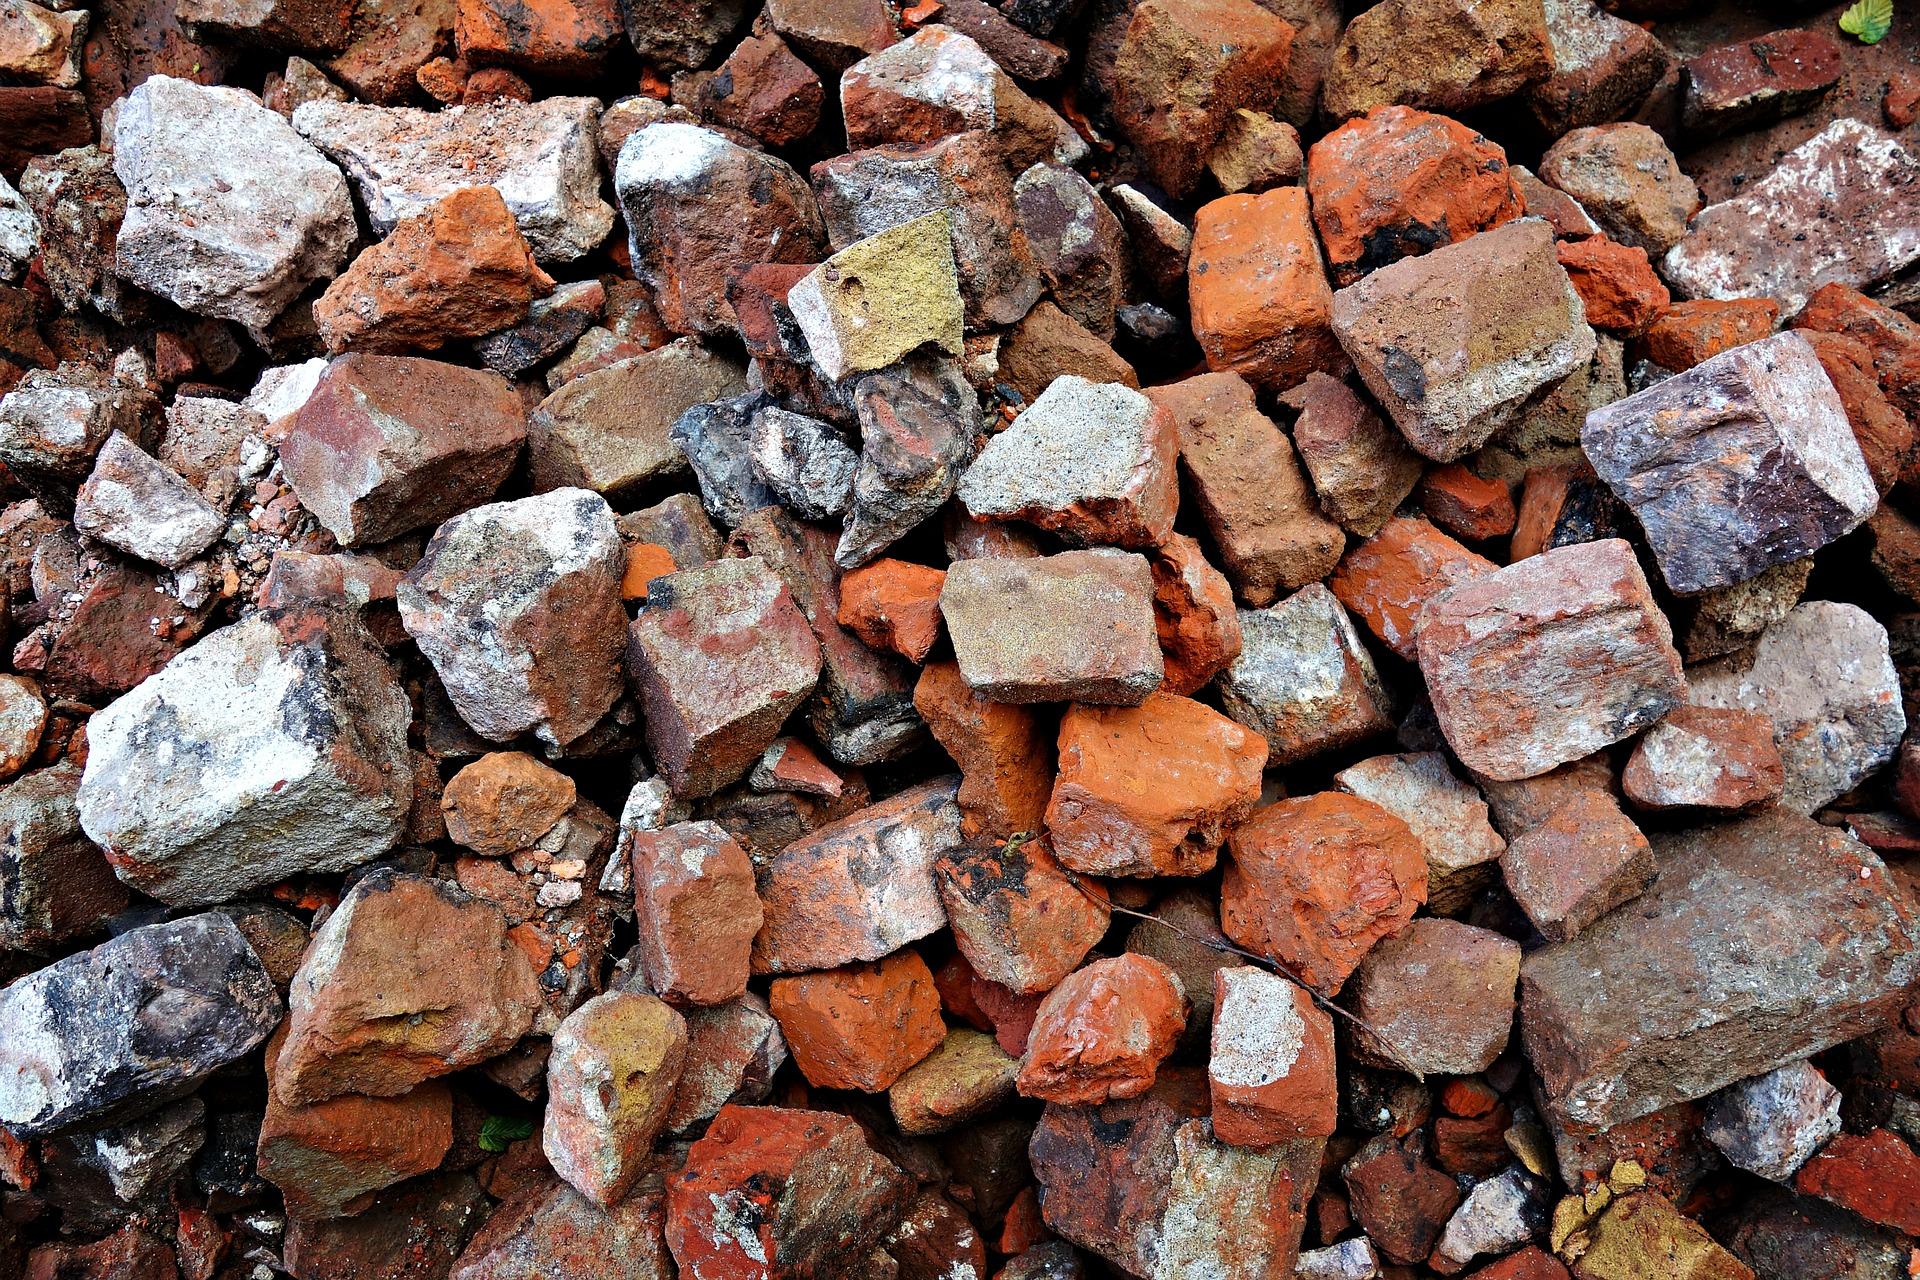 stones-1568246_1920